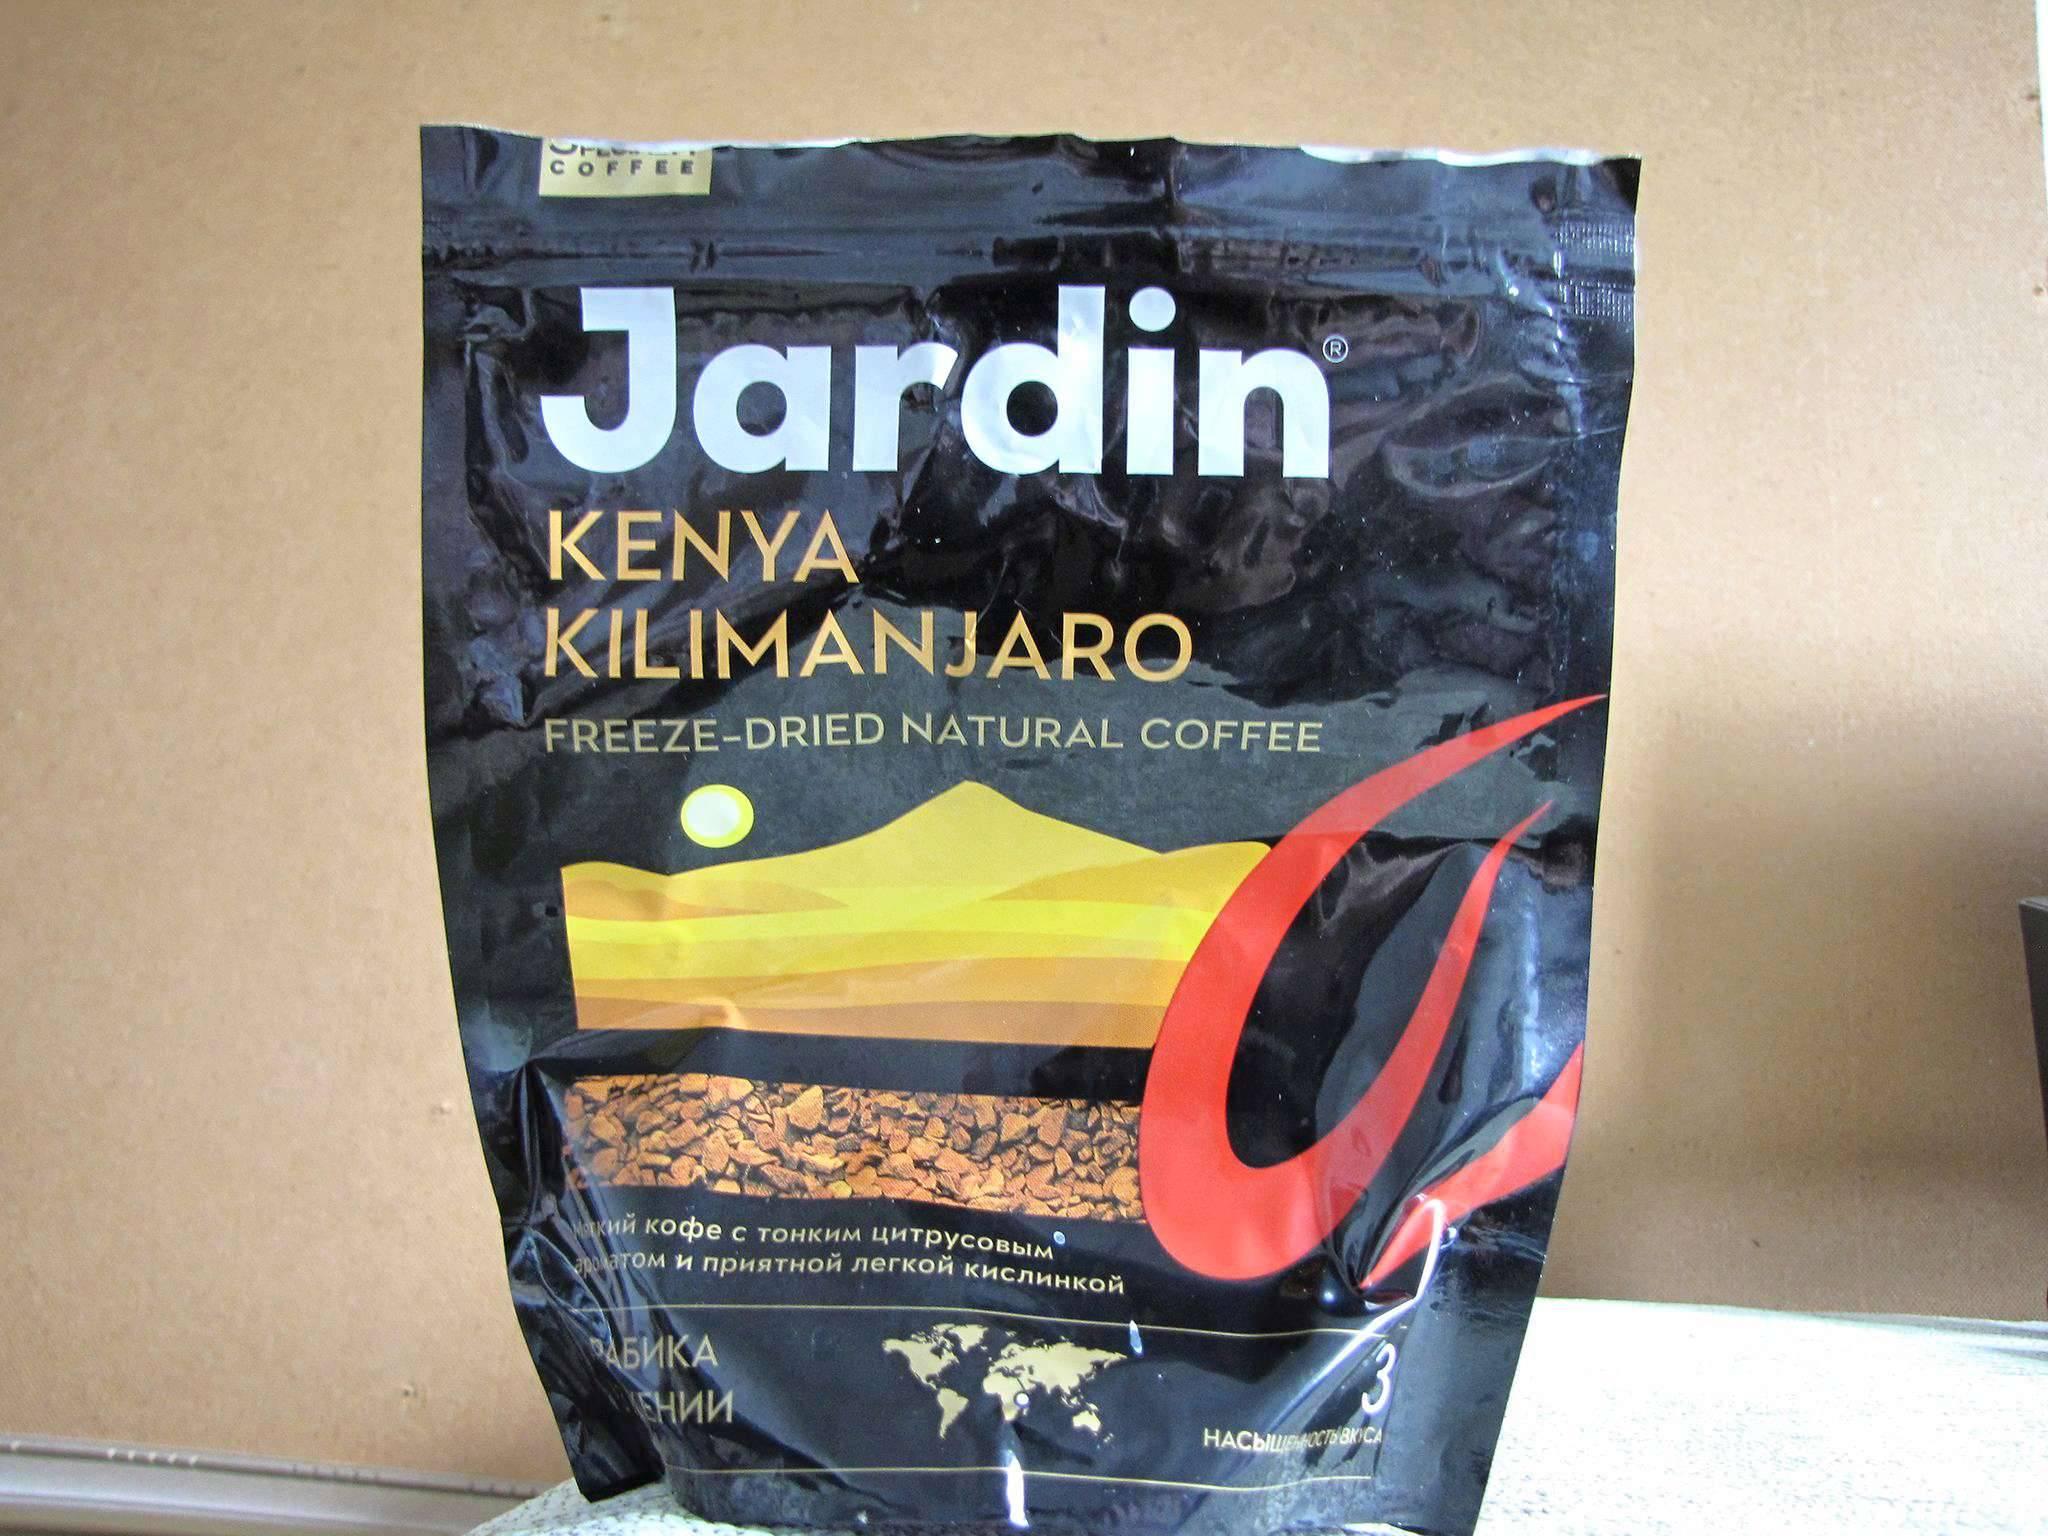 Кофе жардин: история марки, сырье и производство, ассортимент продукции